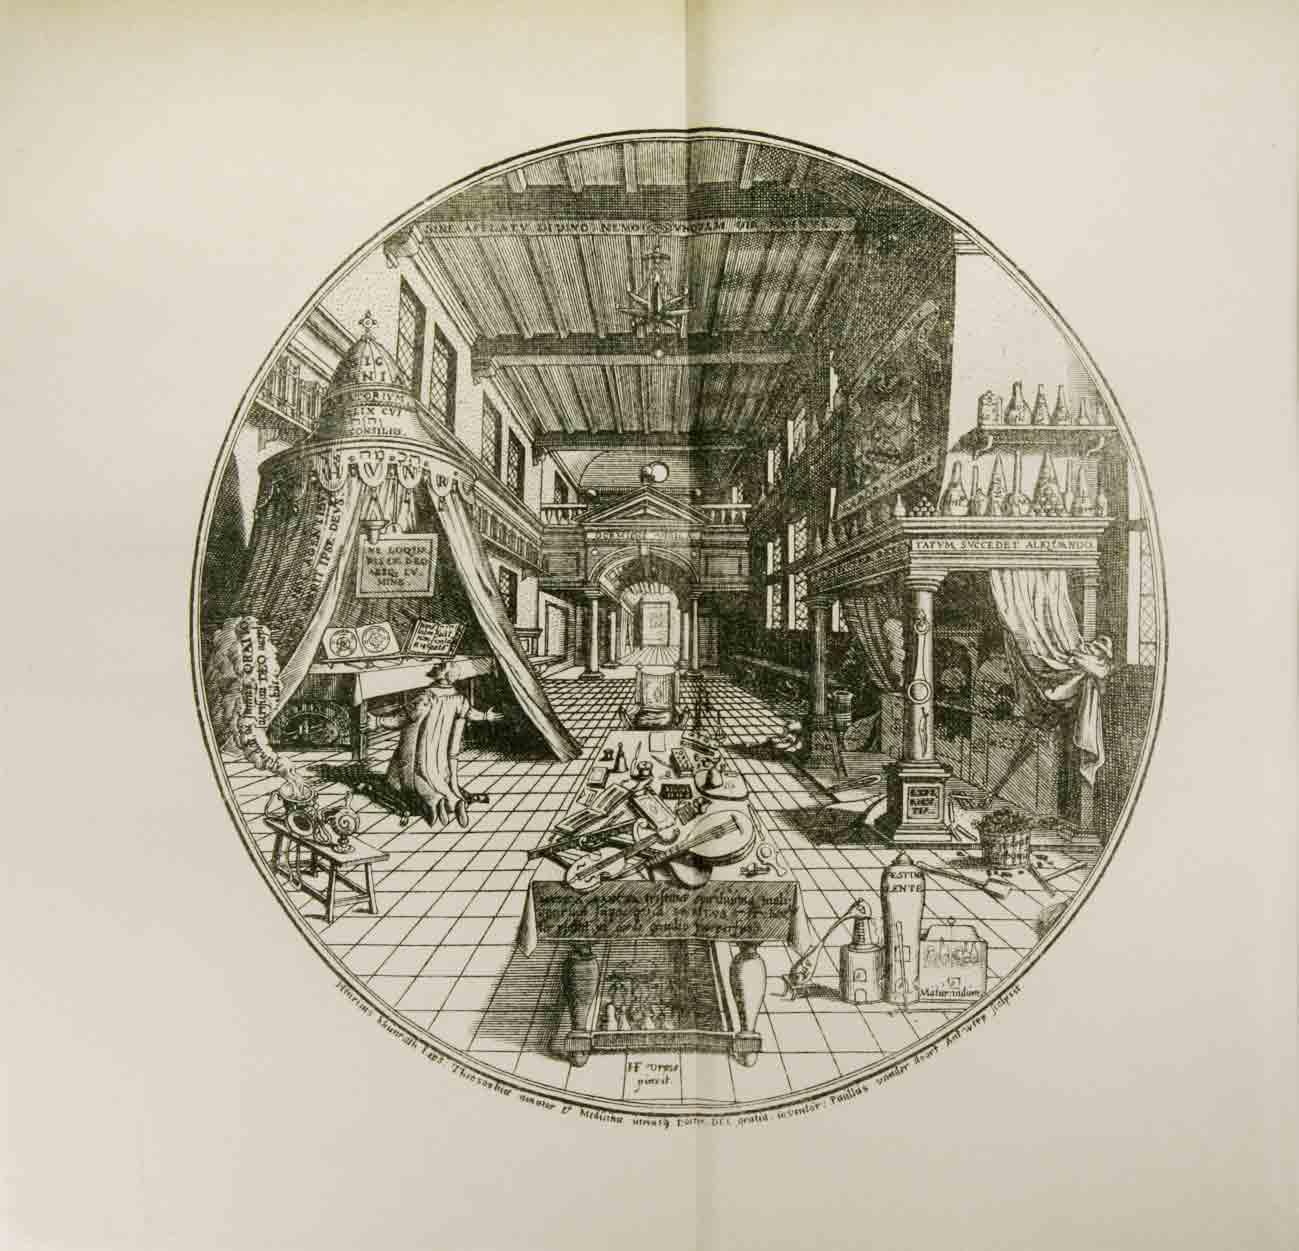 KHUNRATH, H., (DE LEIPZIG): - Amphithéâtre christiano-kabbalistique, divino-magique, physico-chimique, ter-tri-uno-catholique de l'éternelle sapience seule vraie. Disposé par Henri Khvnrath de Leipzig.